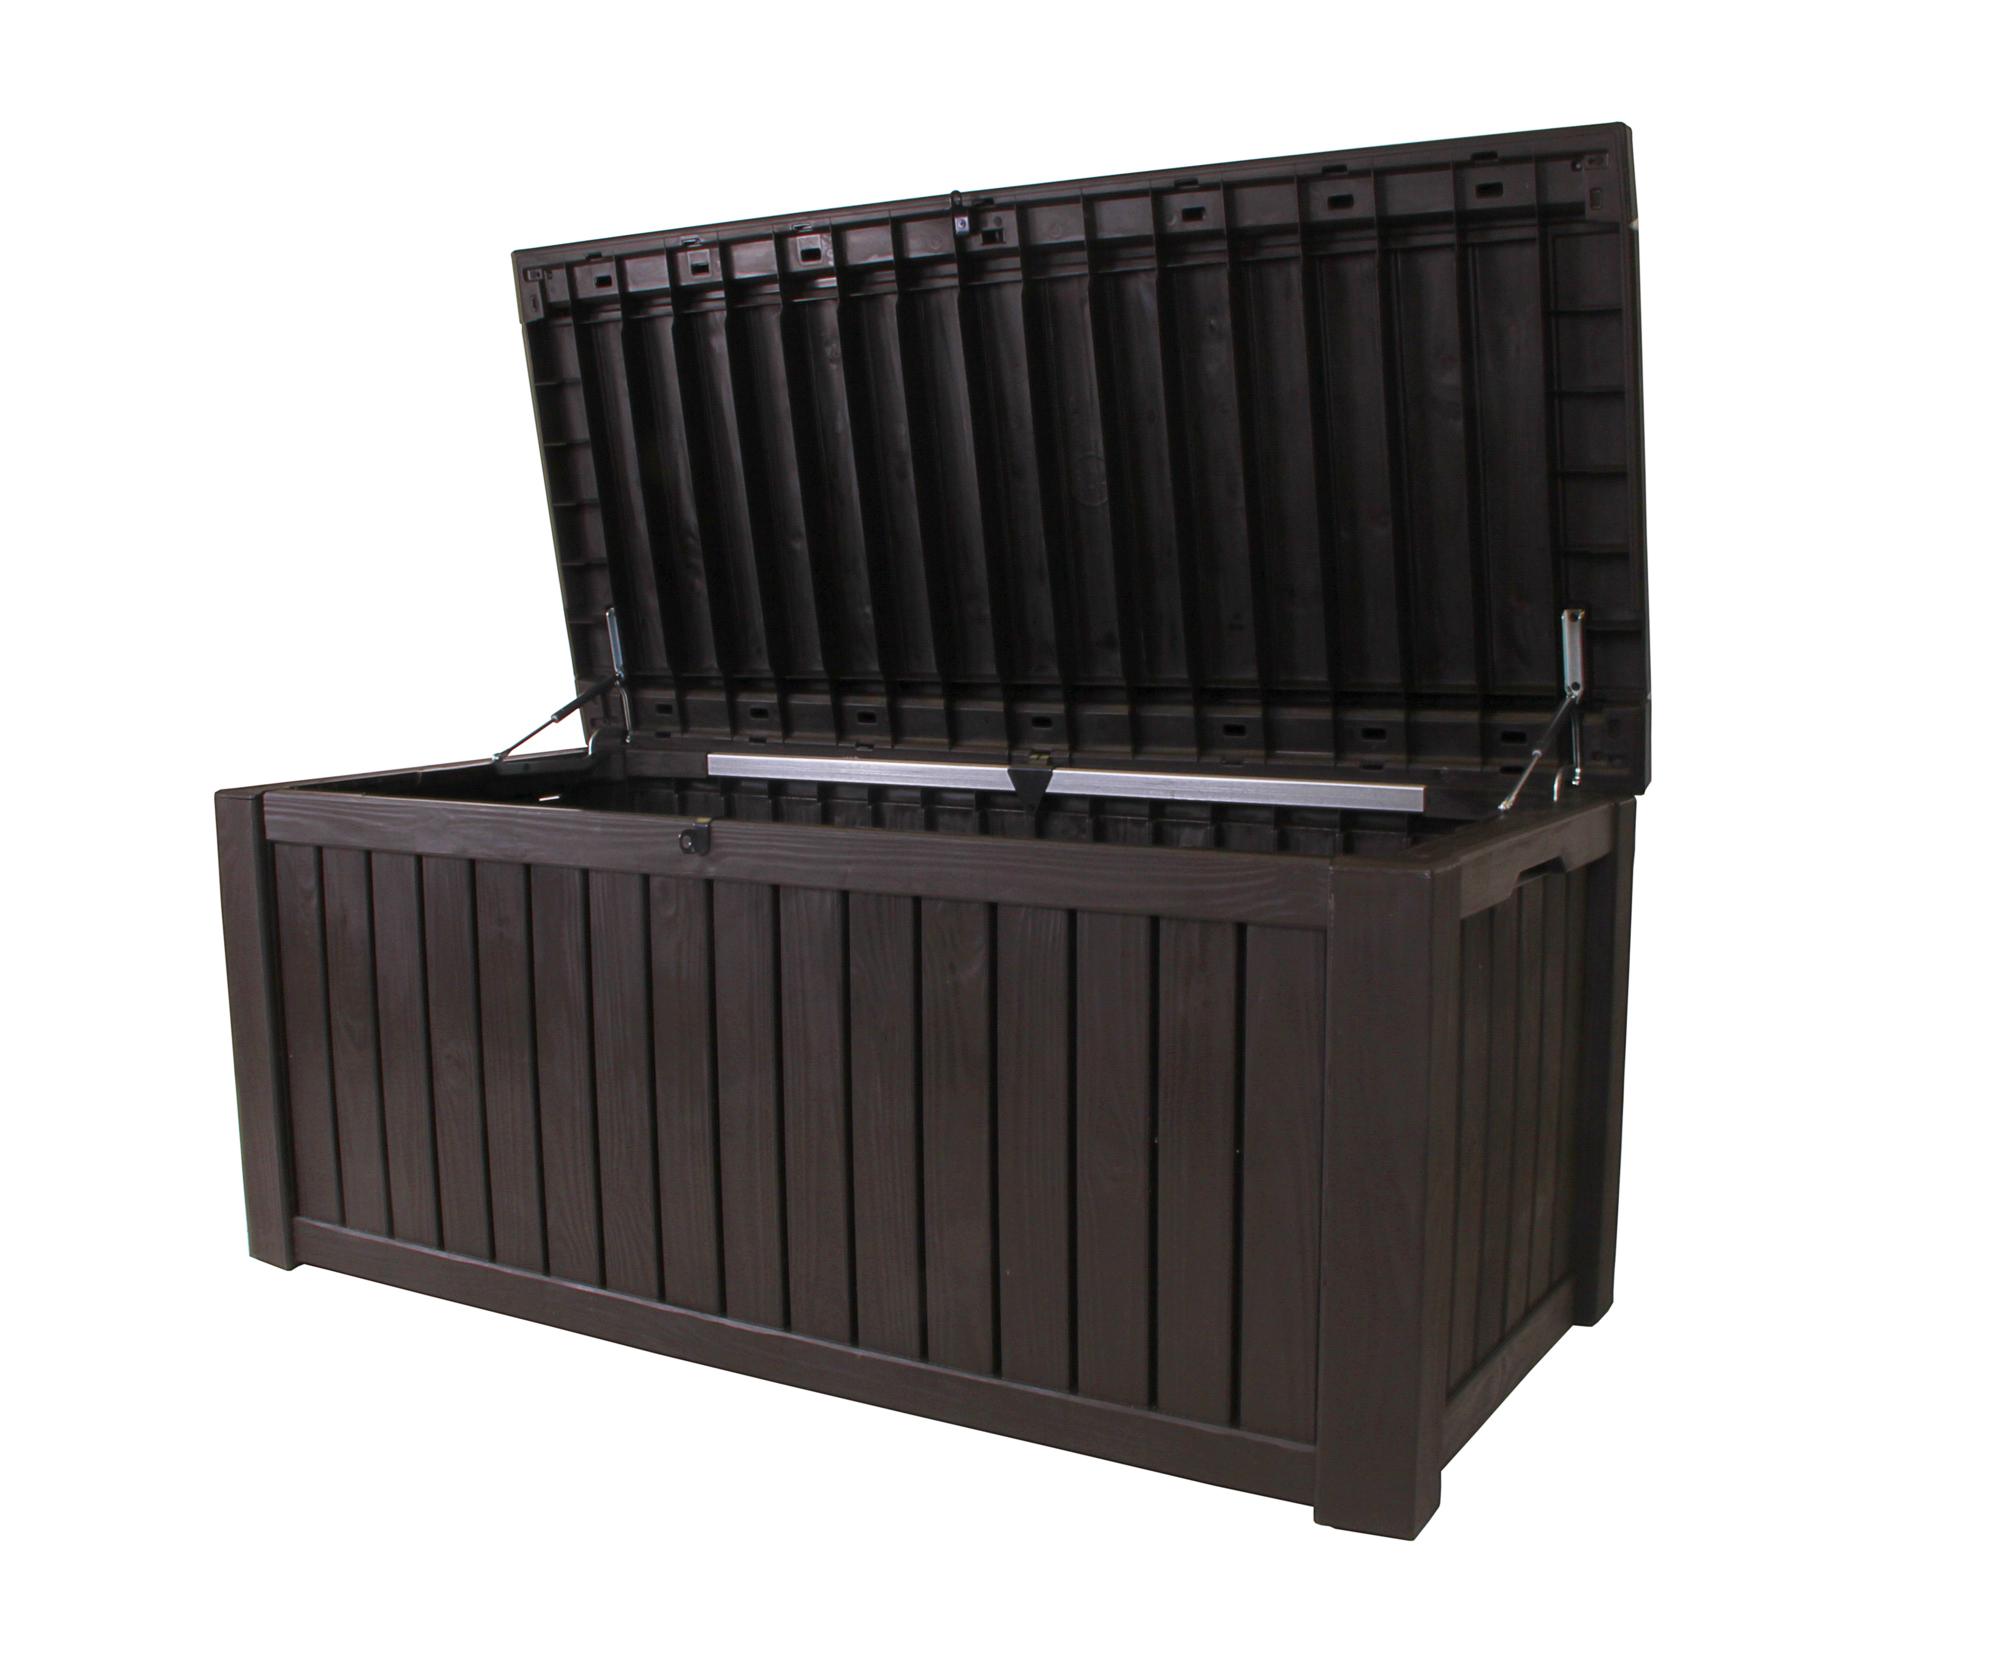 Kettler Gartenmobel Stapelsessel :  Kissenbox Rockwood Auflagenbox Sitztruhe braun jetzt günstig kaufen